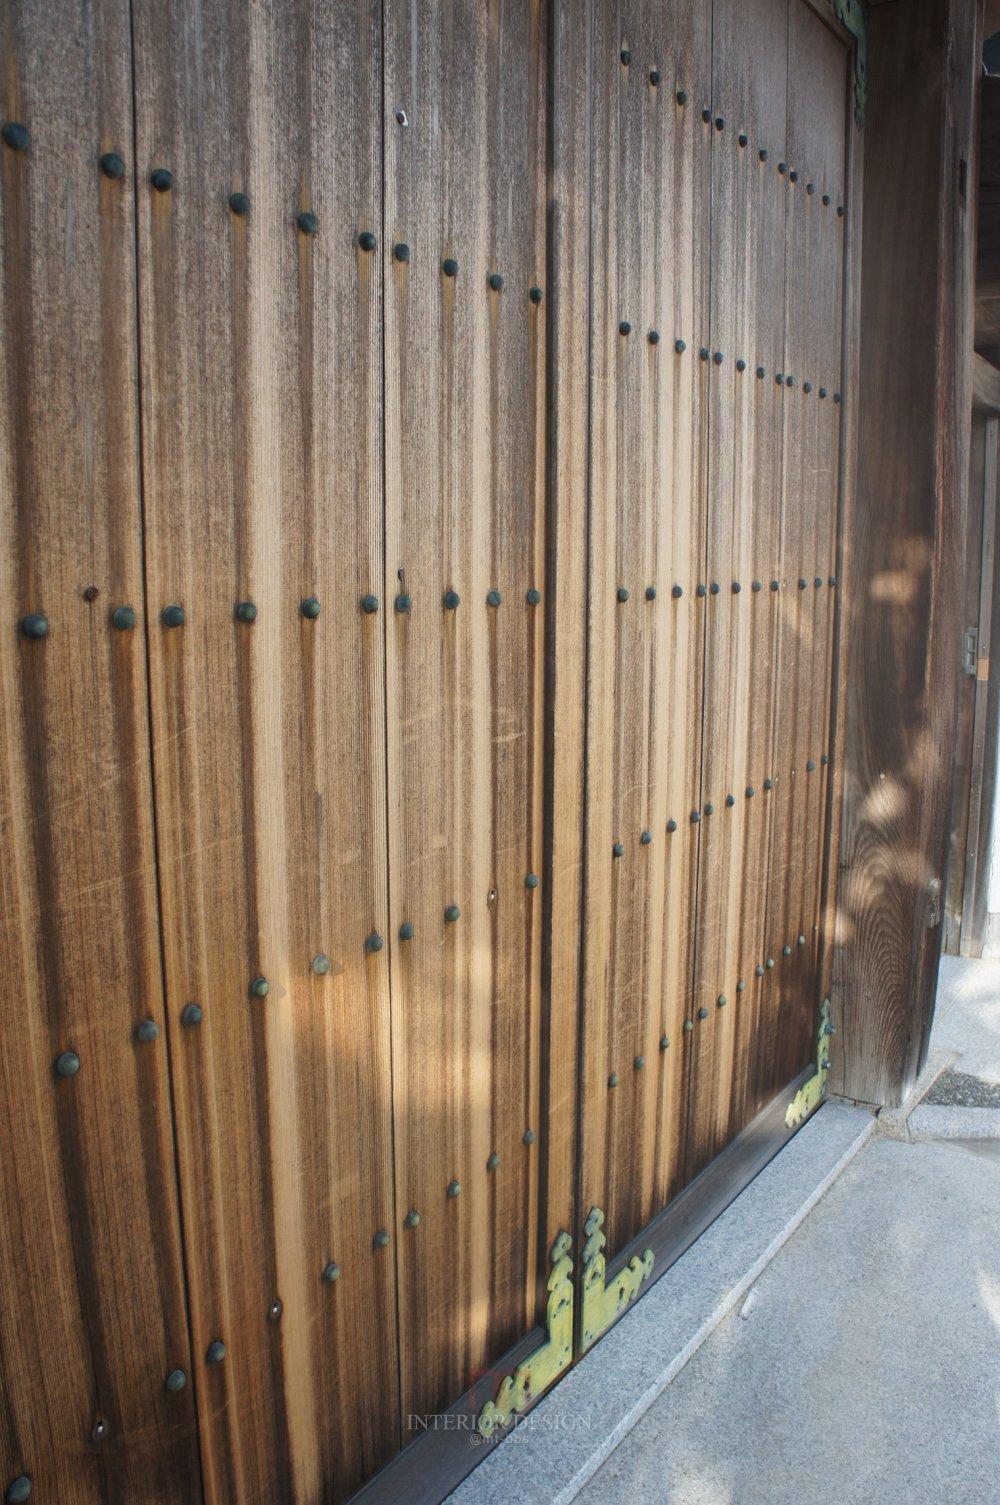 #伙伴一起看日本#  日本设计考察分享(更新美秀美术馆)_DSC05905.JPG